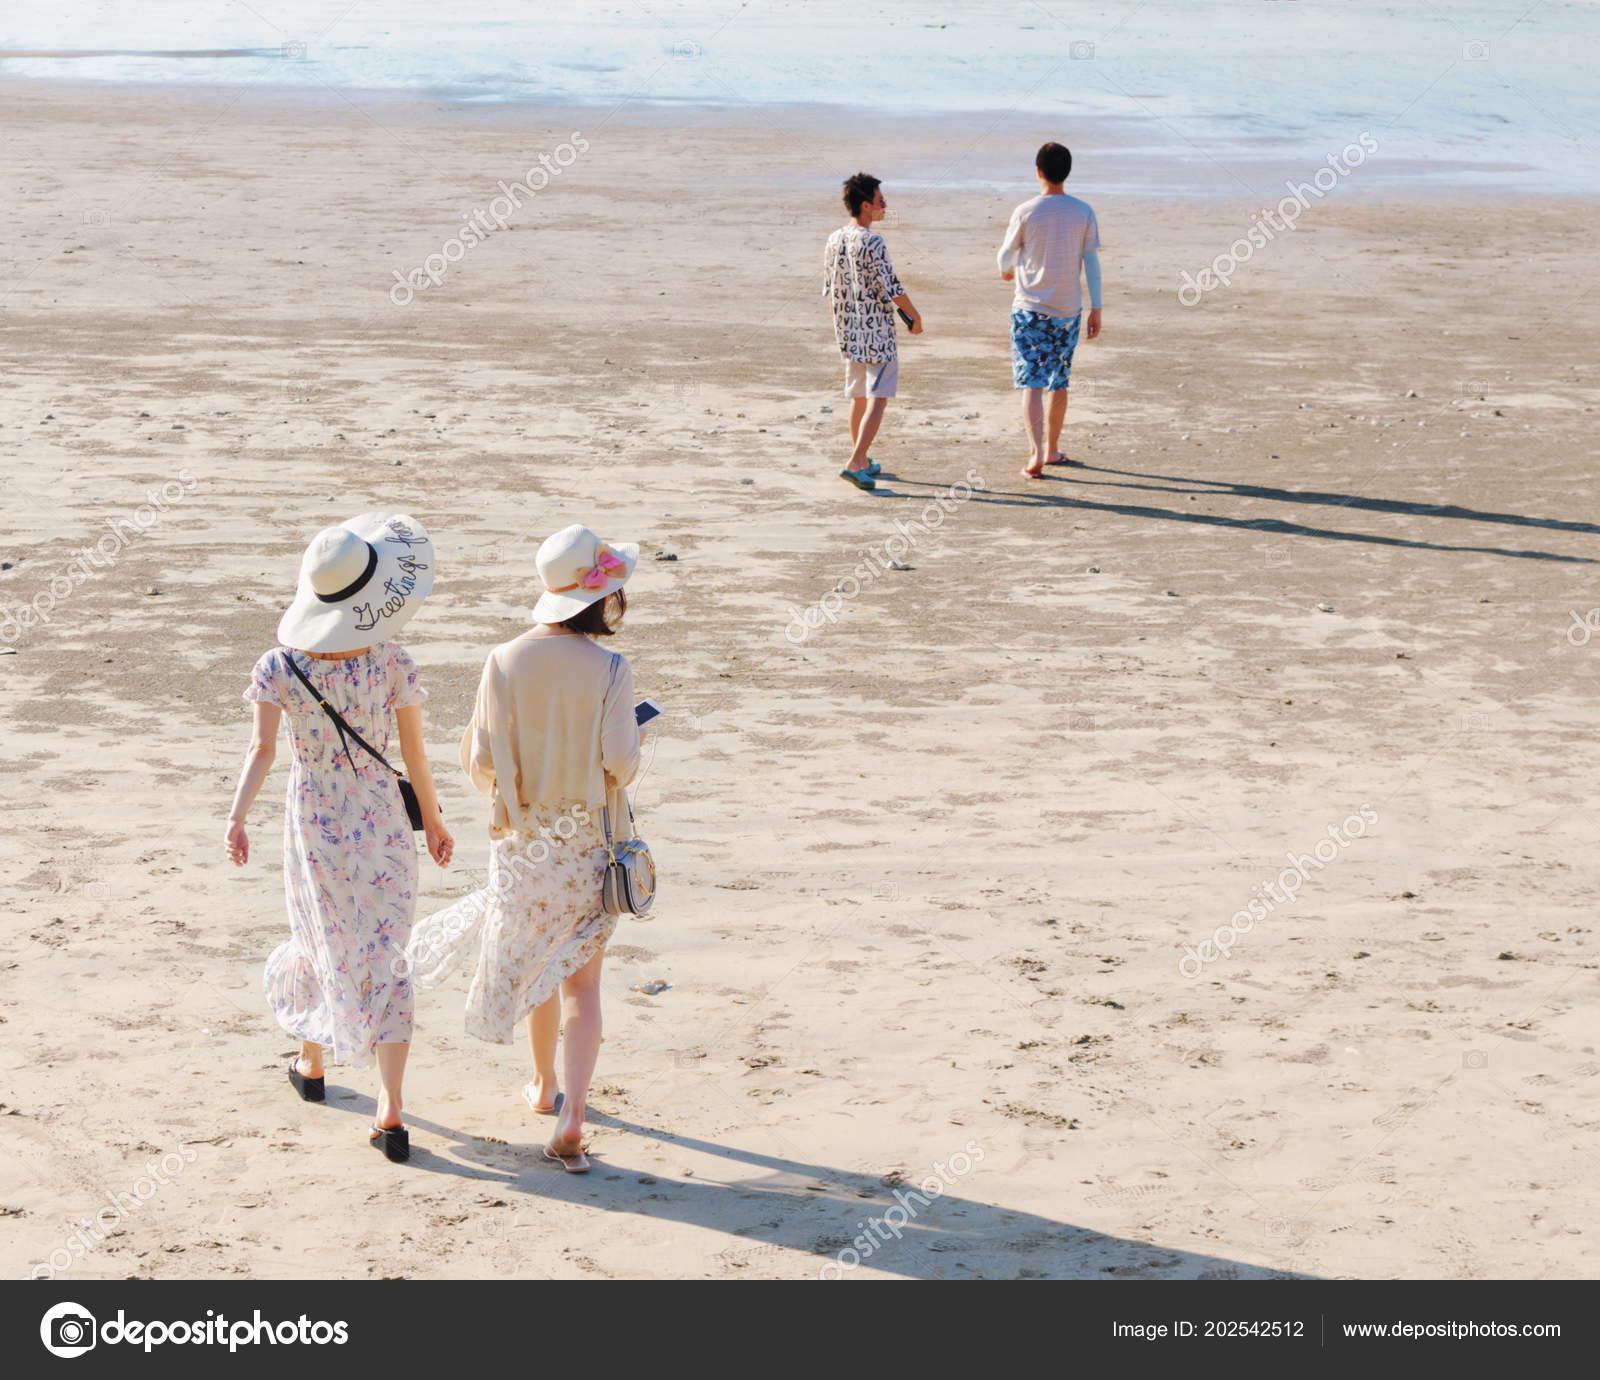 ff13ae9d892 ... ΠΙΣΩ ΟΨΗ των δύο νεαρών γυναικών σε μακριά φορέματα και καπέλα βόλτα  κατά μήκος αμμουδιά, μπροστά τους είναι δύο παιδιά — Εικόνα από ...